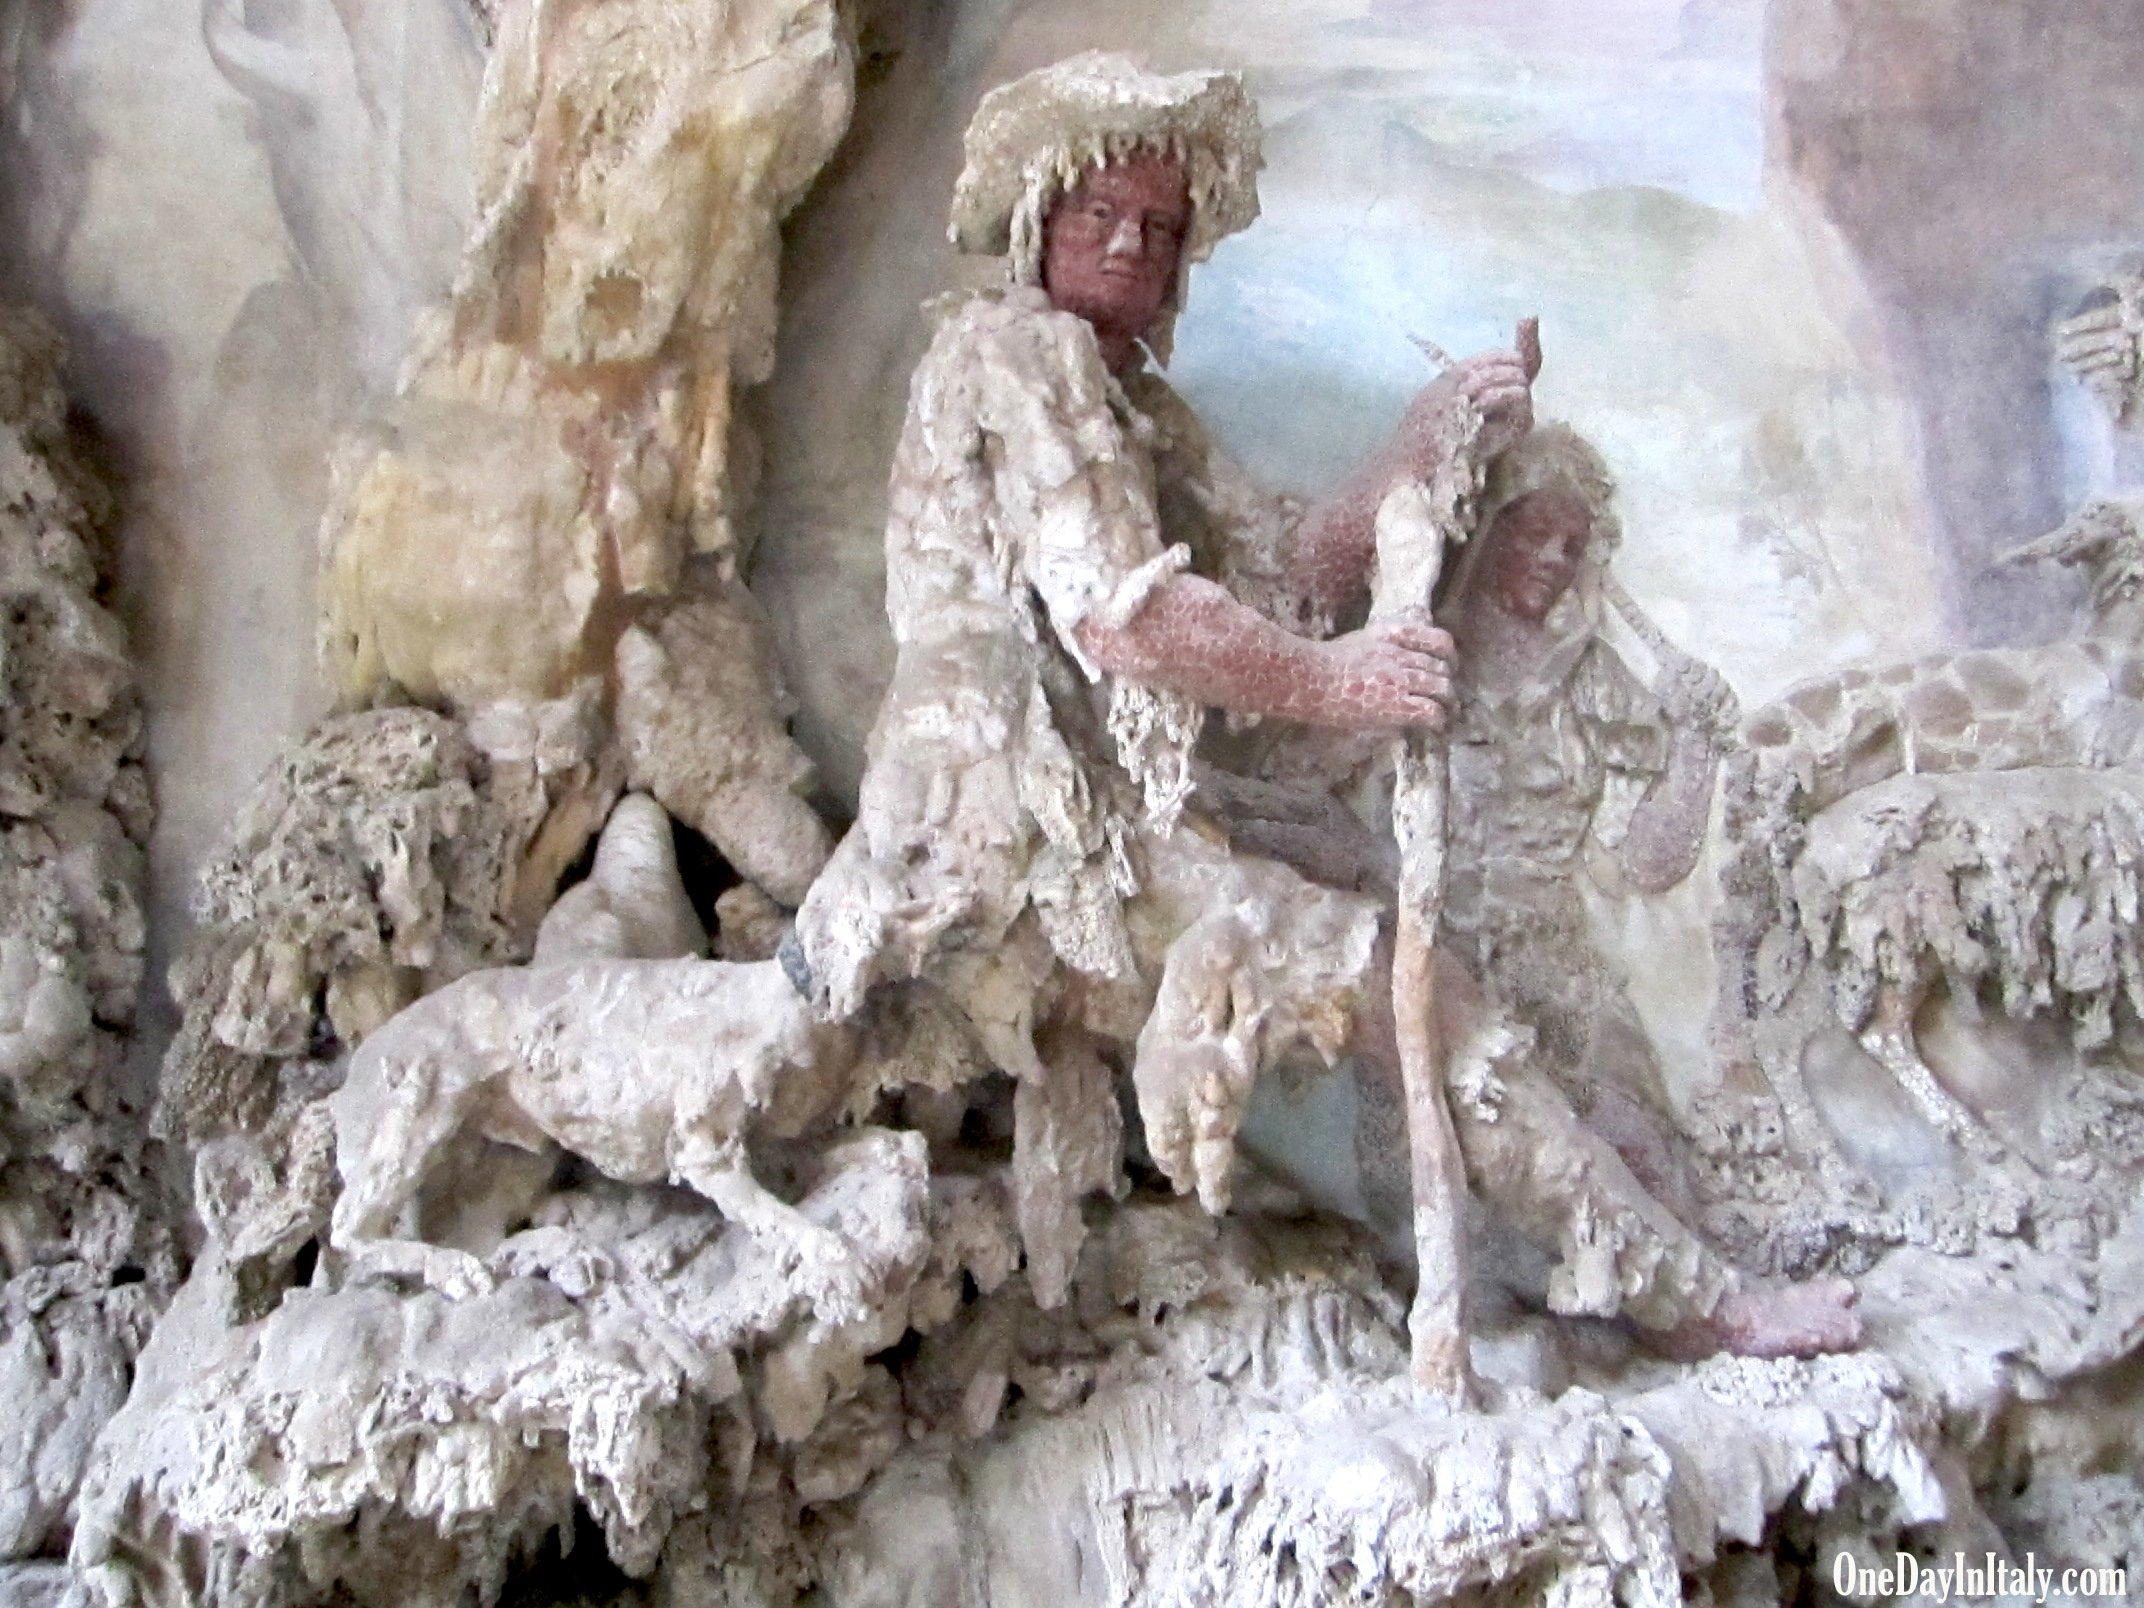 The Buontalenti Grotto in the Boboli Gardens, Florence